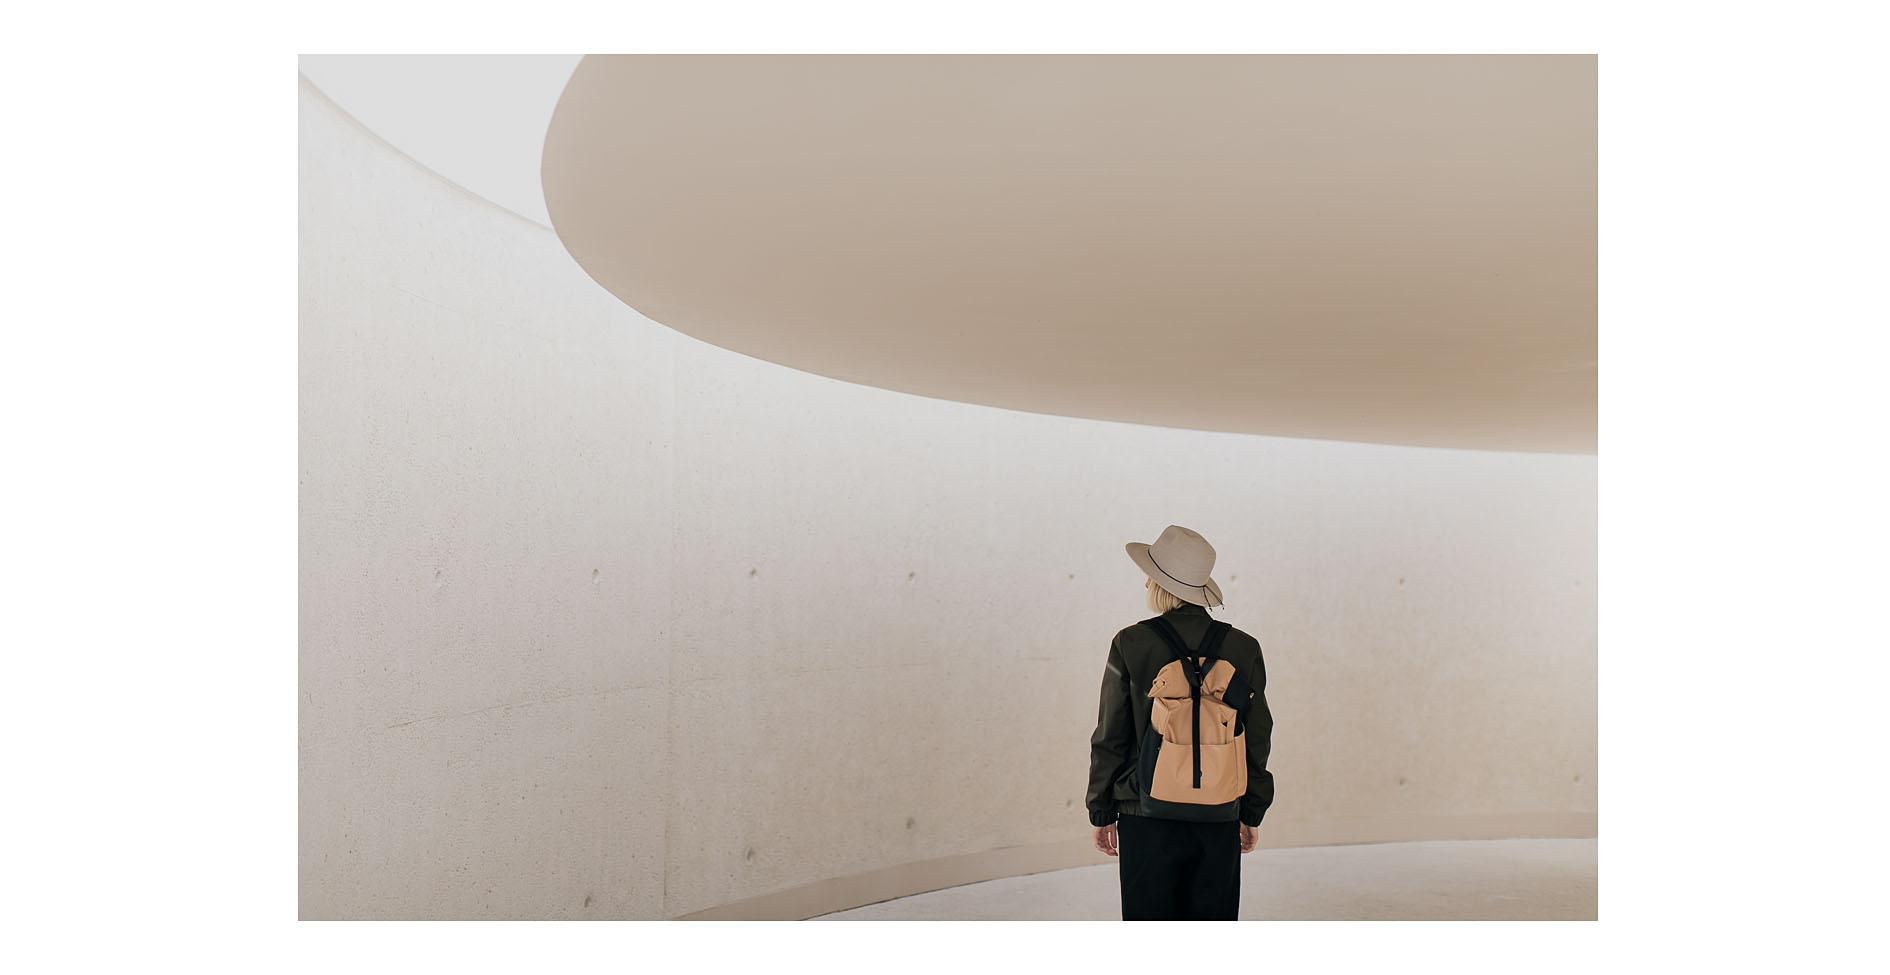 Kolekcja symetria. Kobieta z plecakiem _WIELBŁĄD I KRUK na plecach w kurtce _ Szuwary